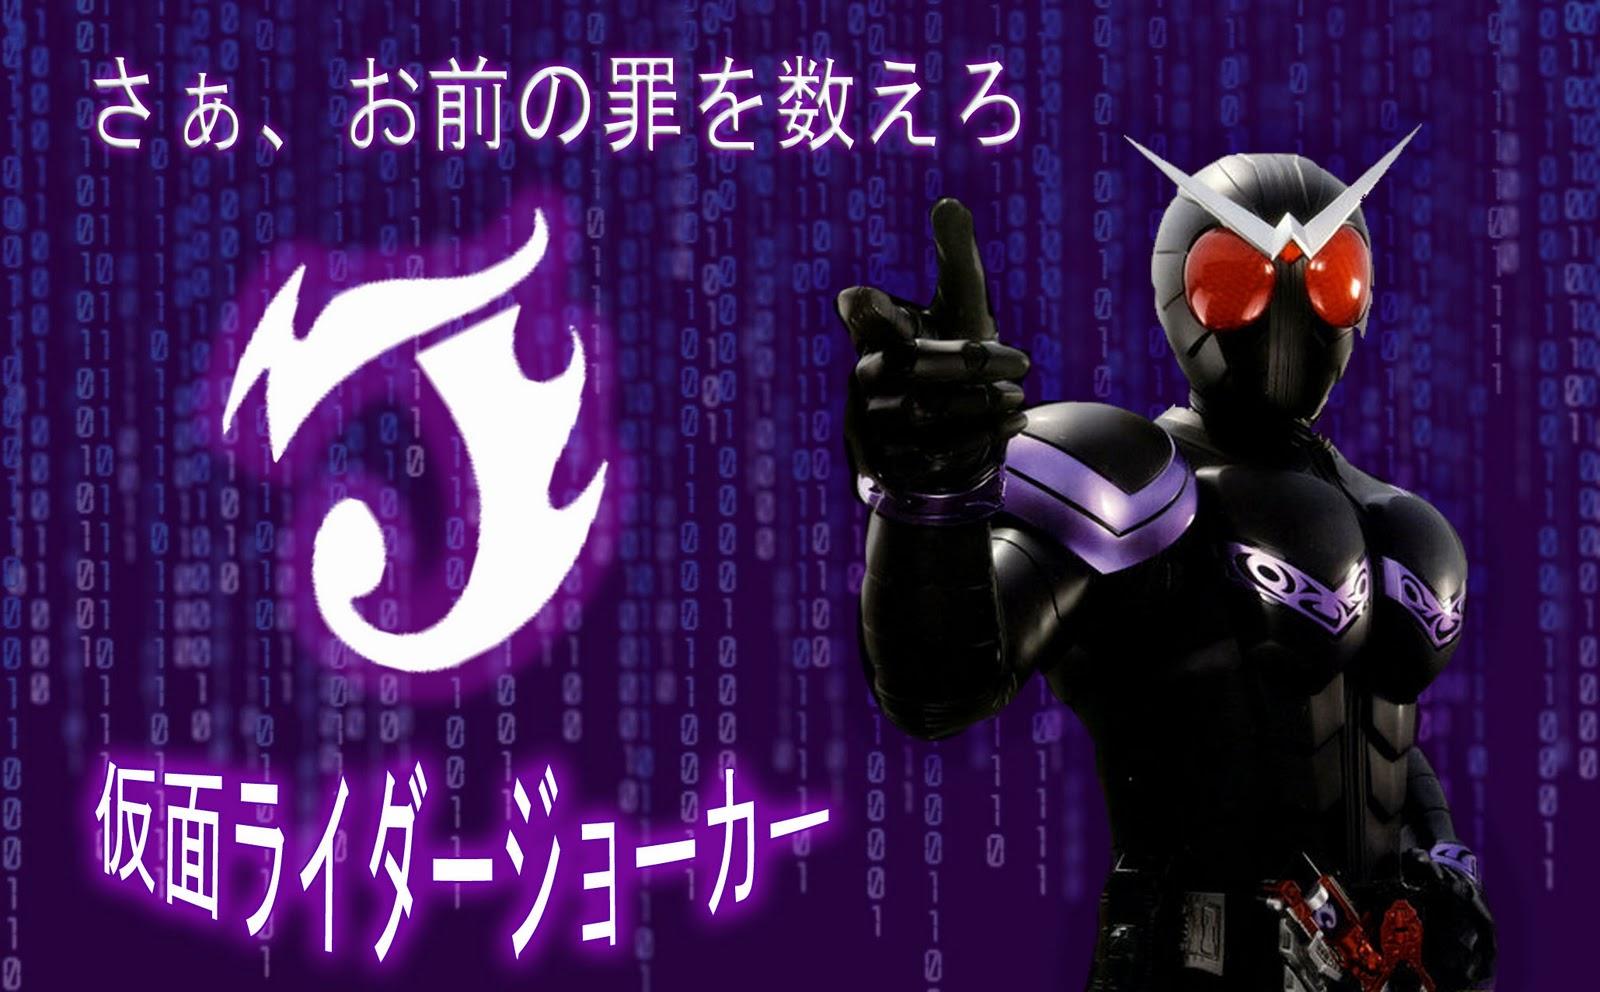 Renn Kiriyama no Sekai: Wallpaper Kamen Rider Joker